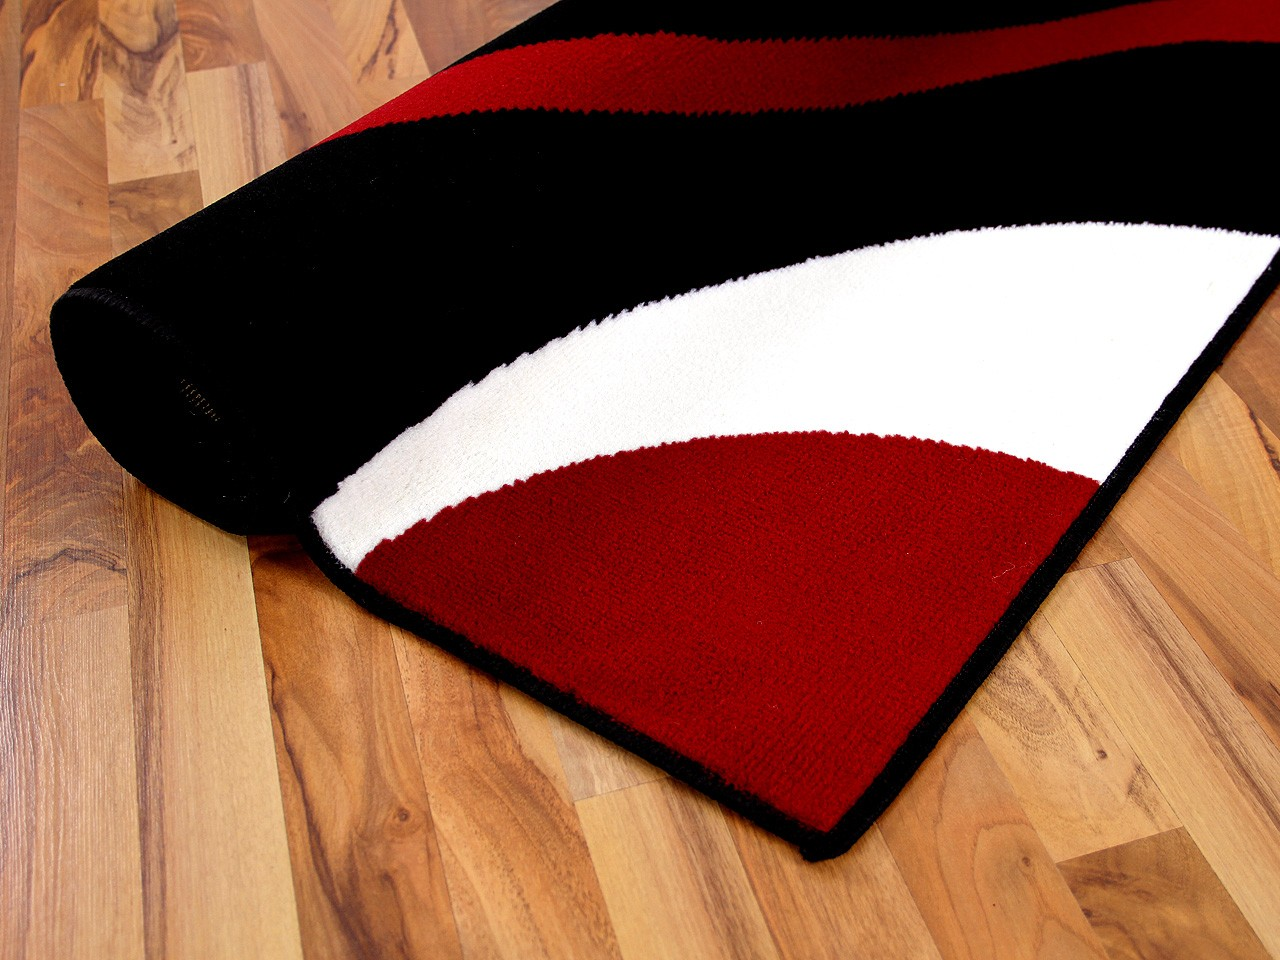 teppich modern trendline schwarz rot retro 4 gr en teppiche designerteppiche trendline teppiche. Black Bedroom Furniture Sets. Home Design Ideas